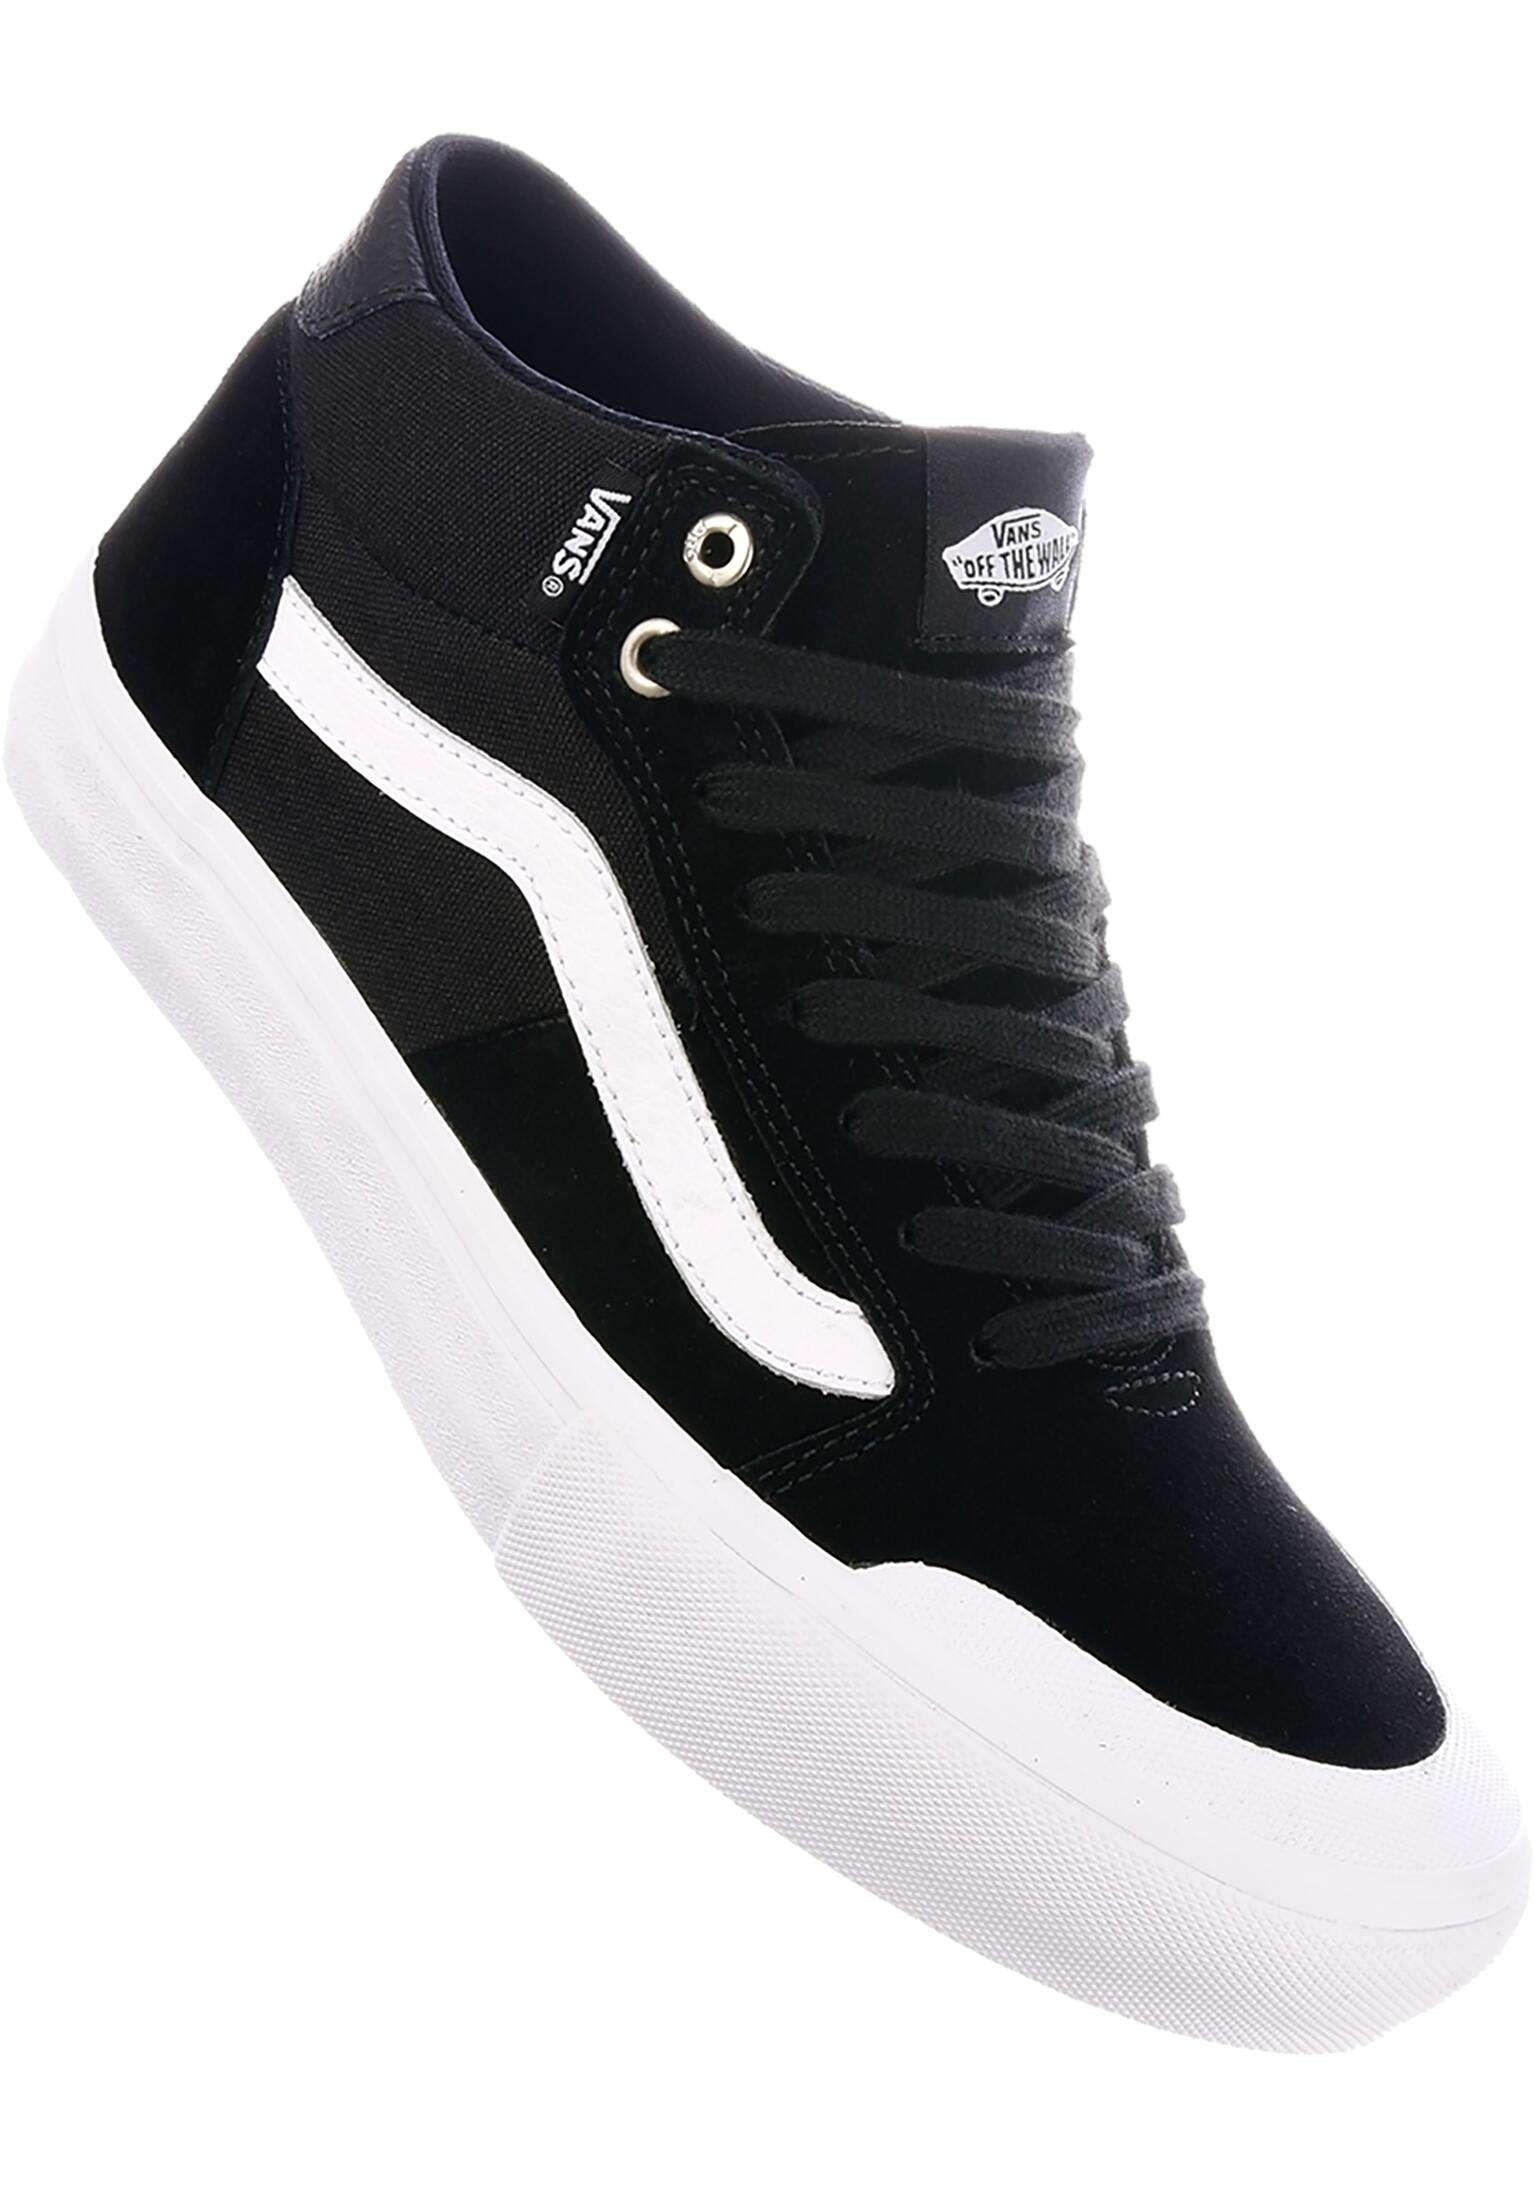 0aa3123a2a76b6 Style 112 Mid Pro Vans Alle Schoenen in black-white voor Heren